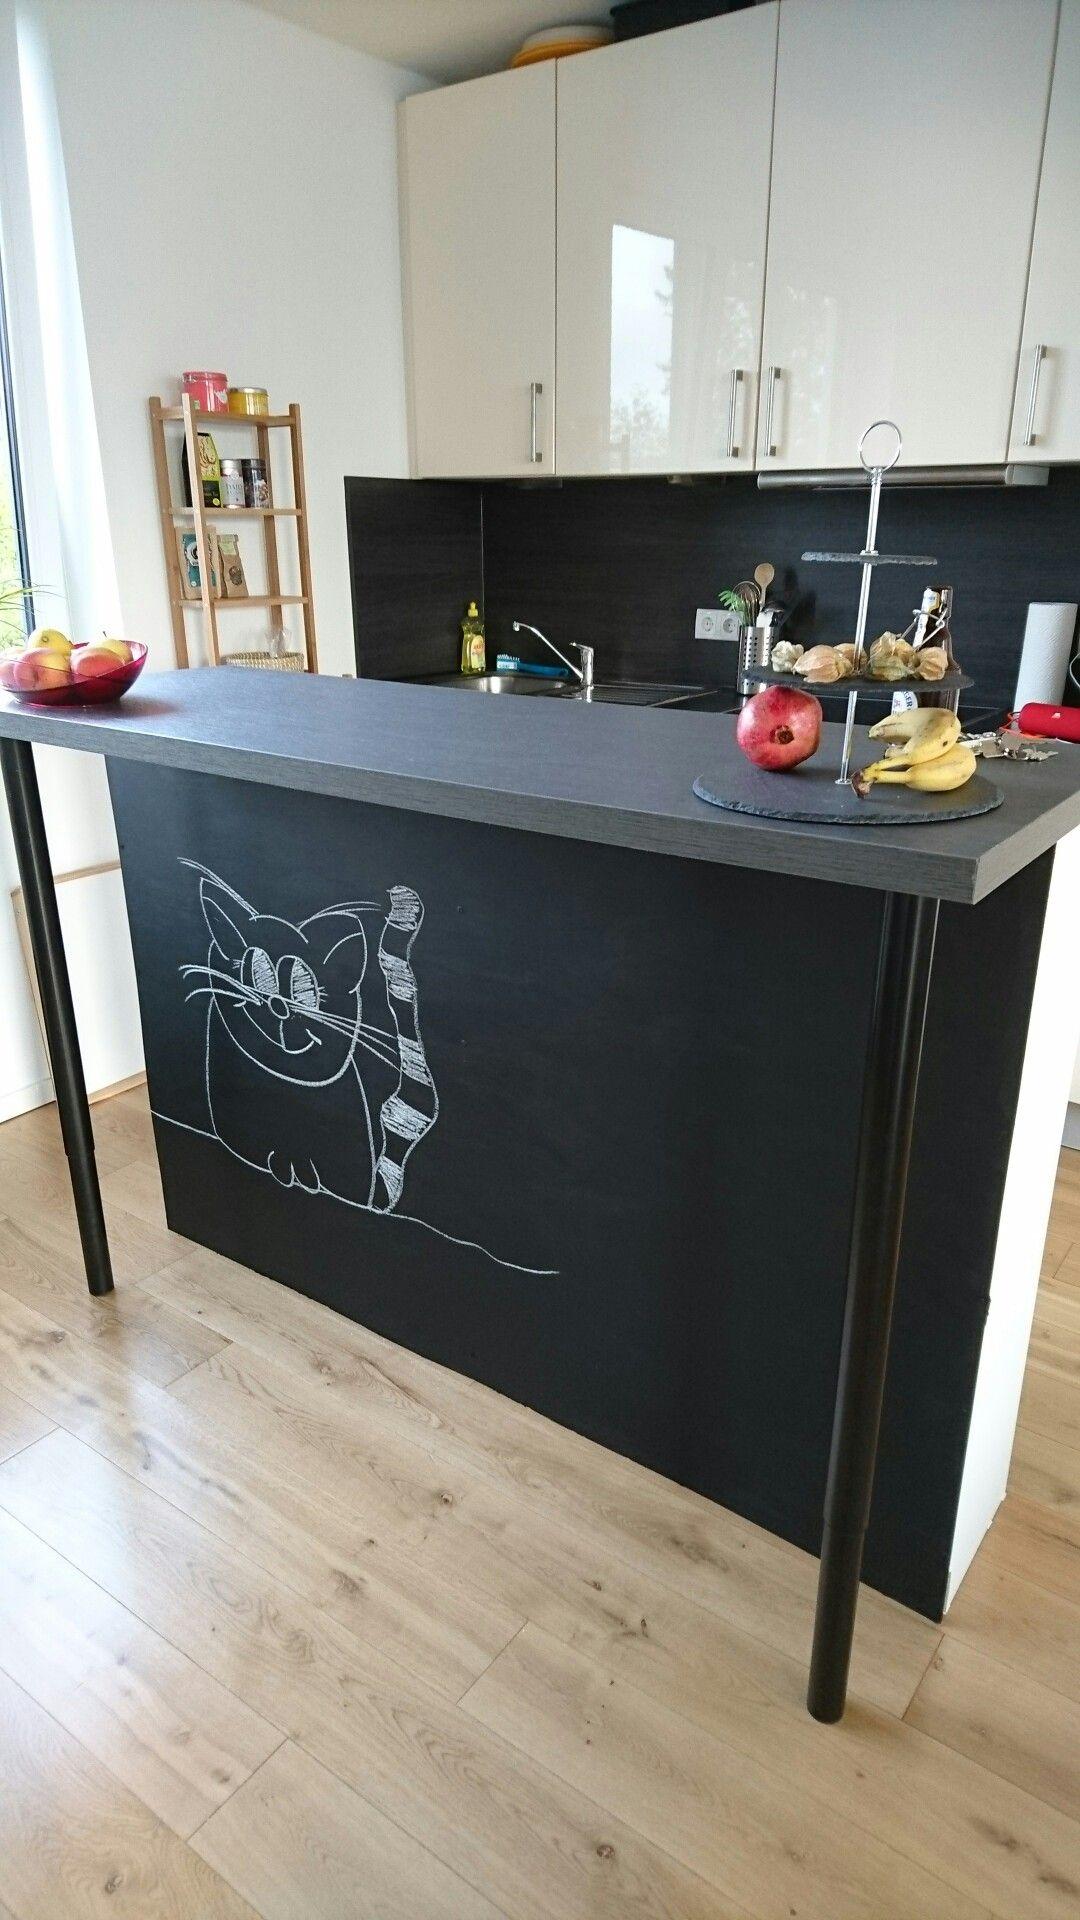 Full Size of Kücheninseln Ikea Modulküche Küche Kaufen Betten Bei Kosten Miniküche Sofa Mit Schlaffunktion 160x200 Wohnzimmer Kücheninseln Ikea